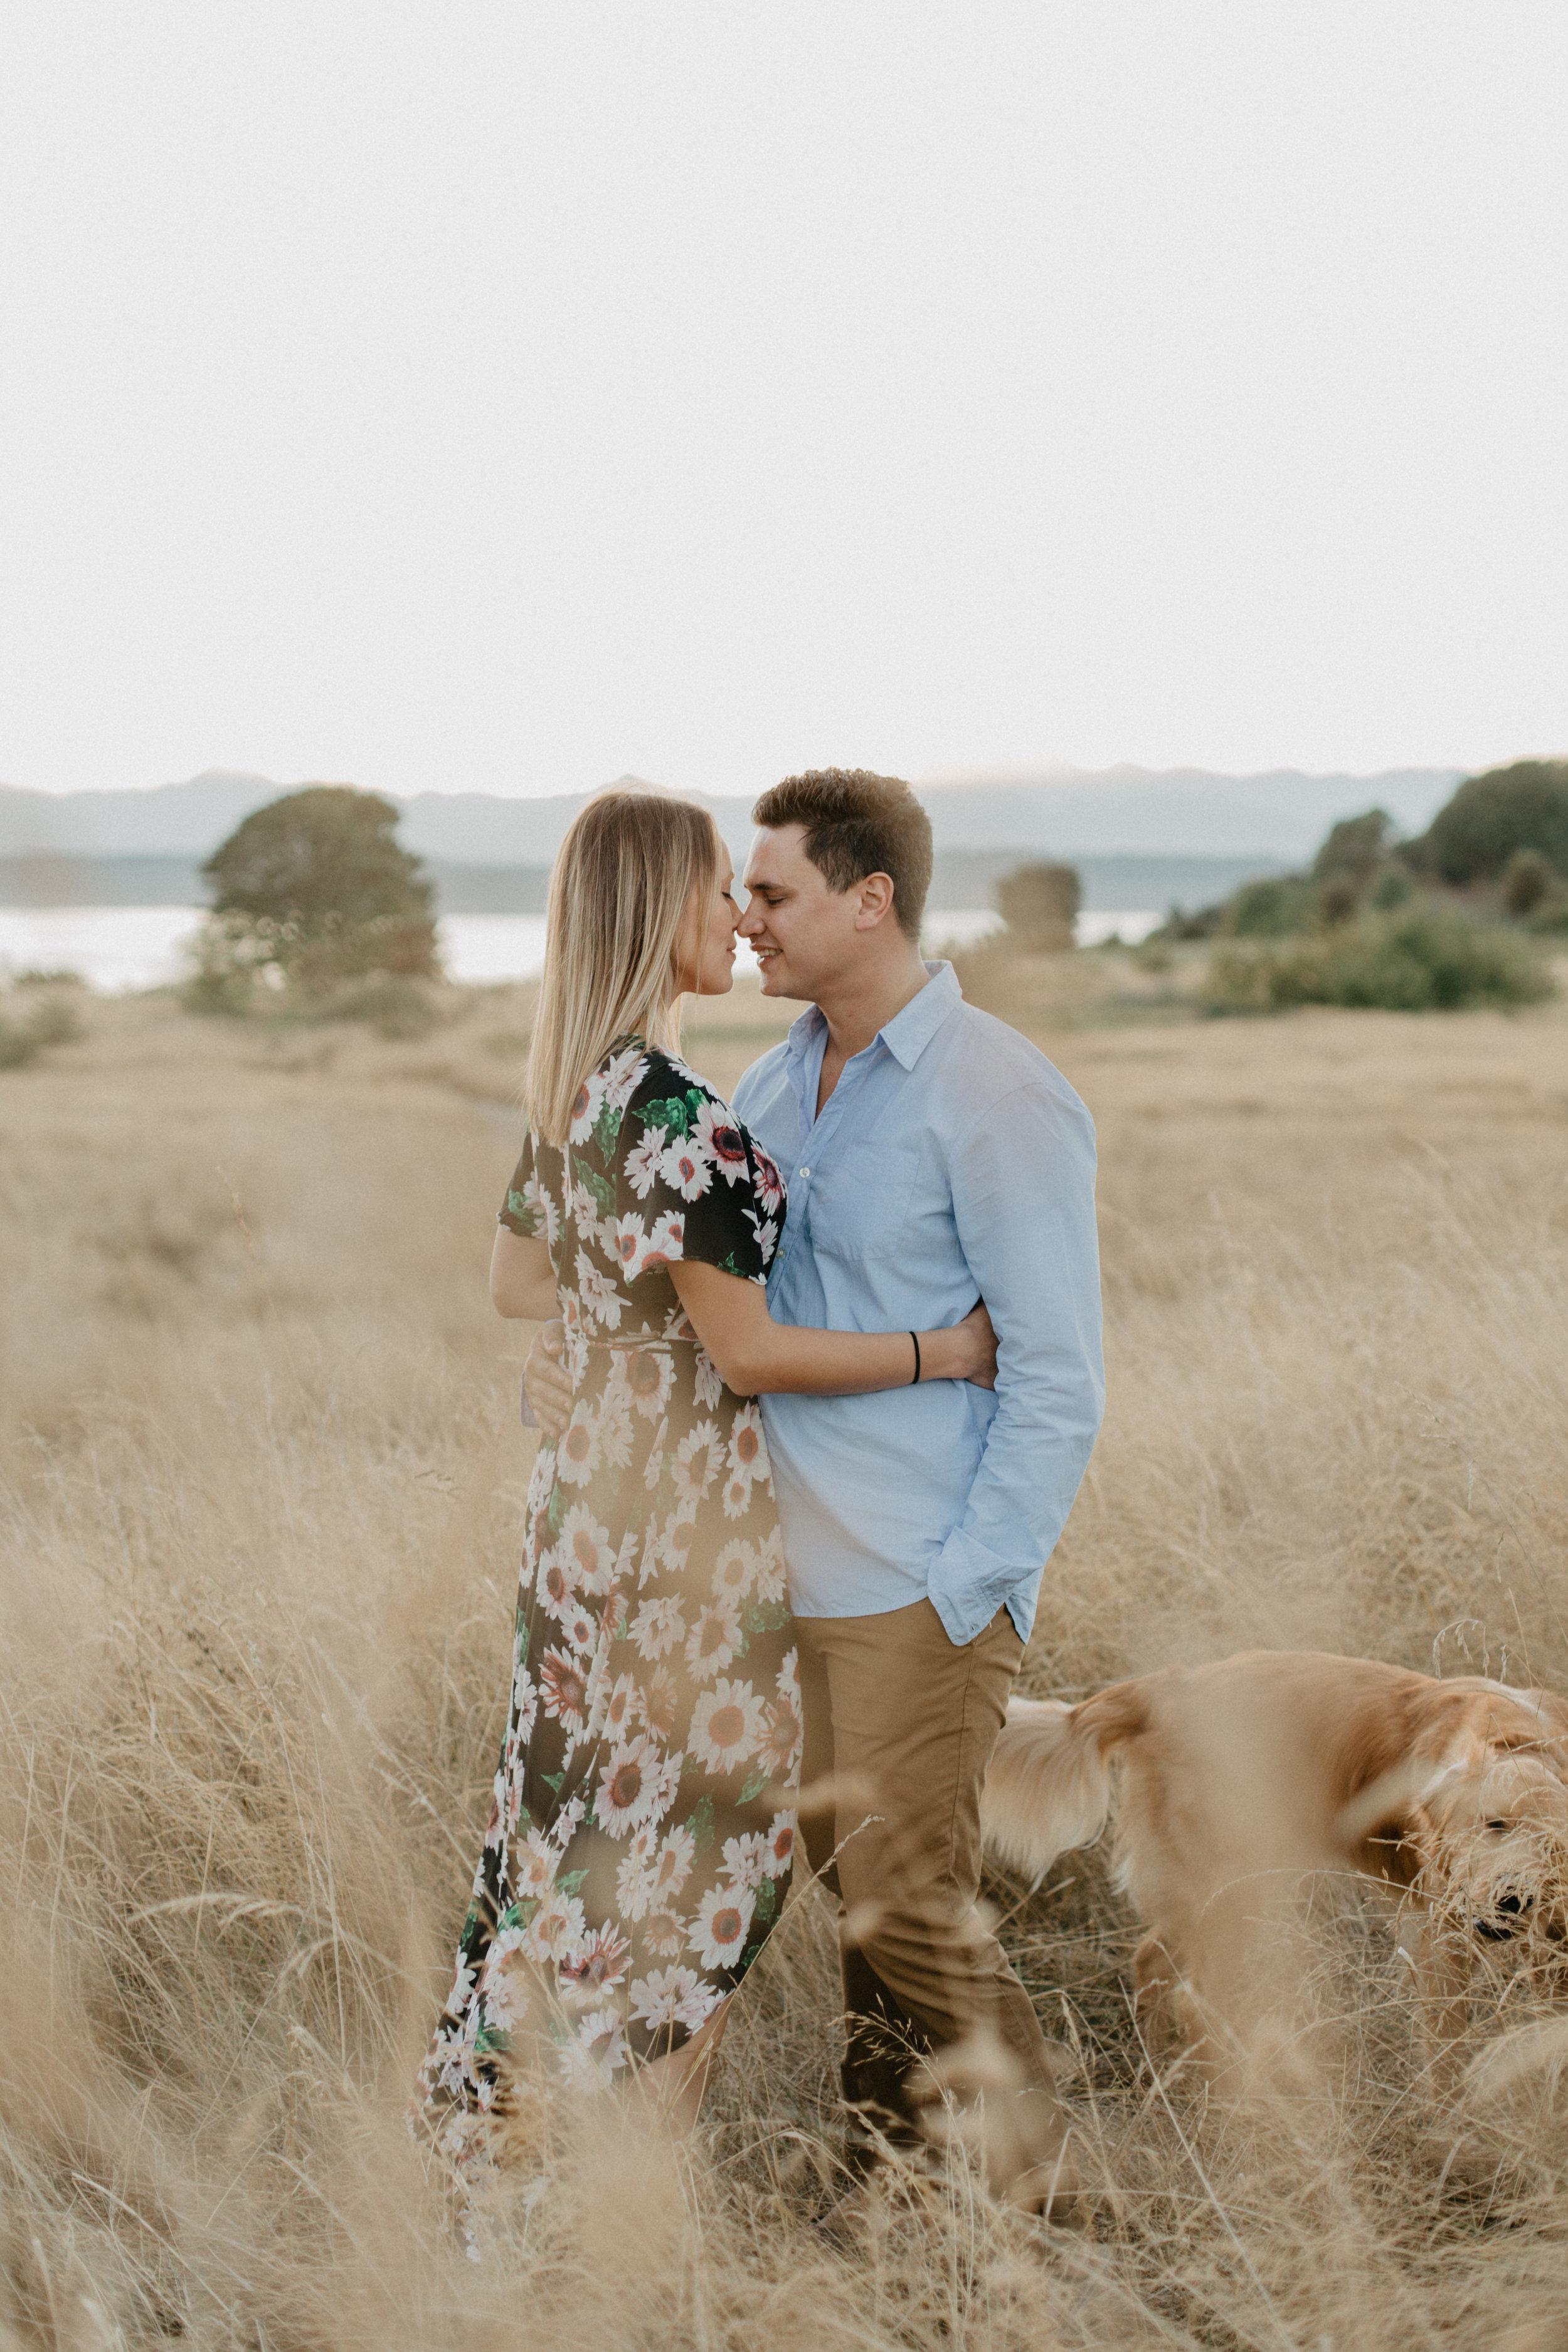 Rachel&Eddie-Engagement-75.jpg